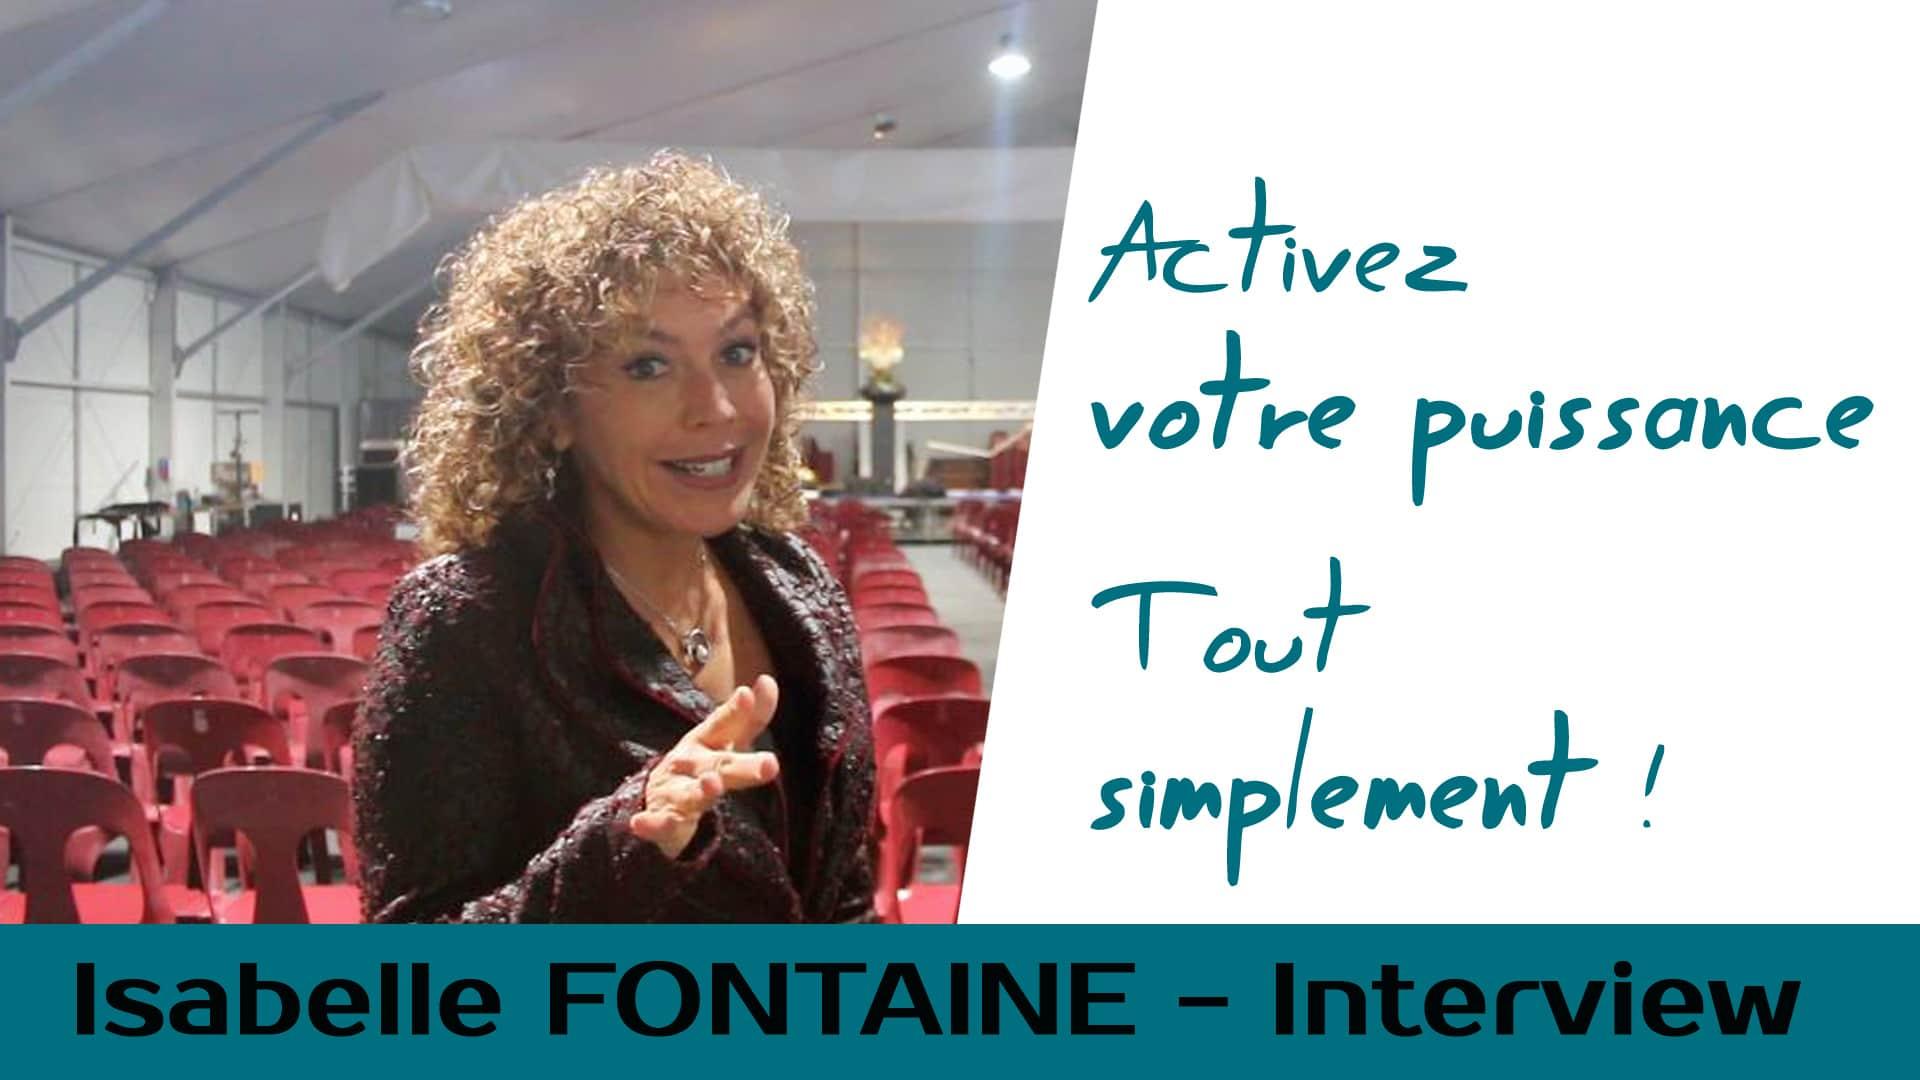 Interview Isabelle Fontaine – Activez votre puissance, tout simplement !